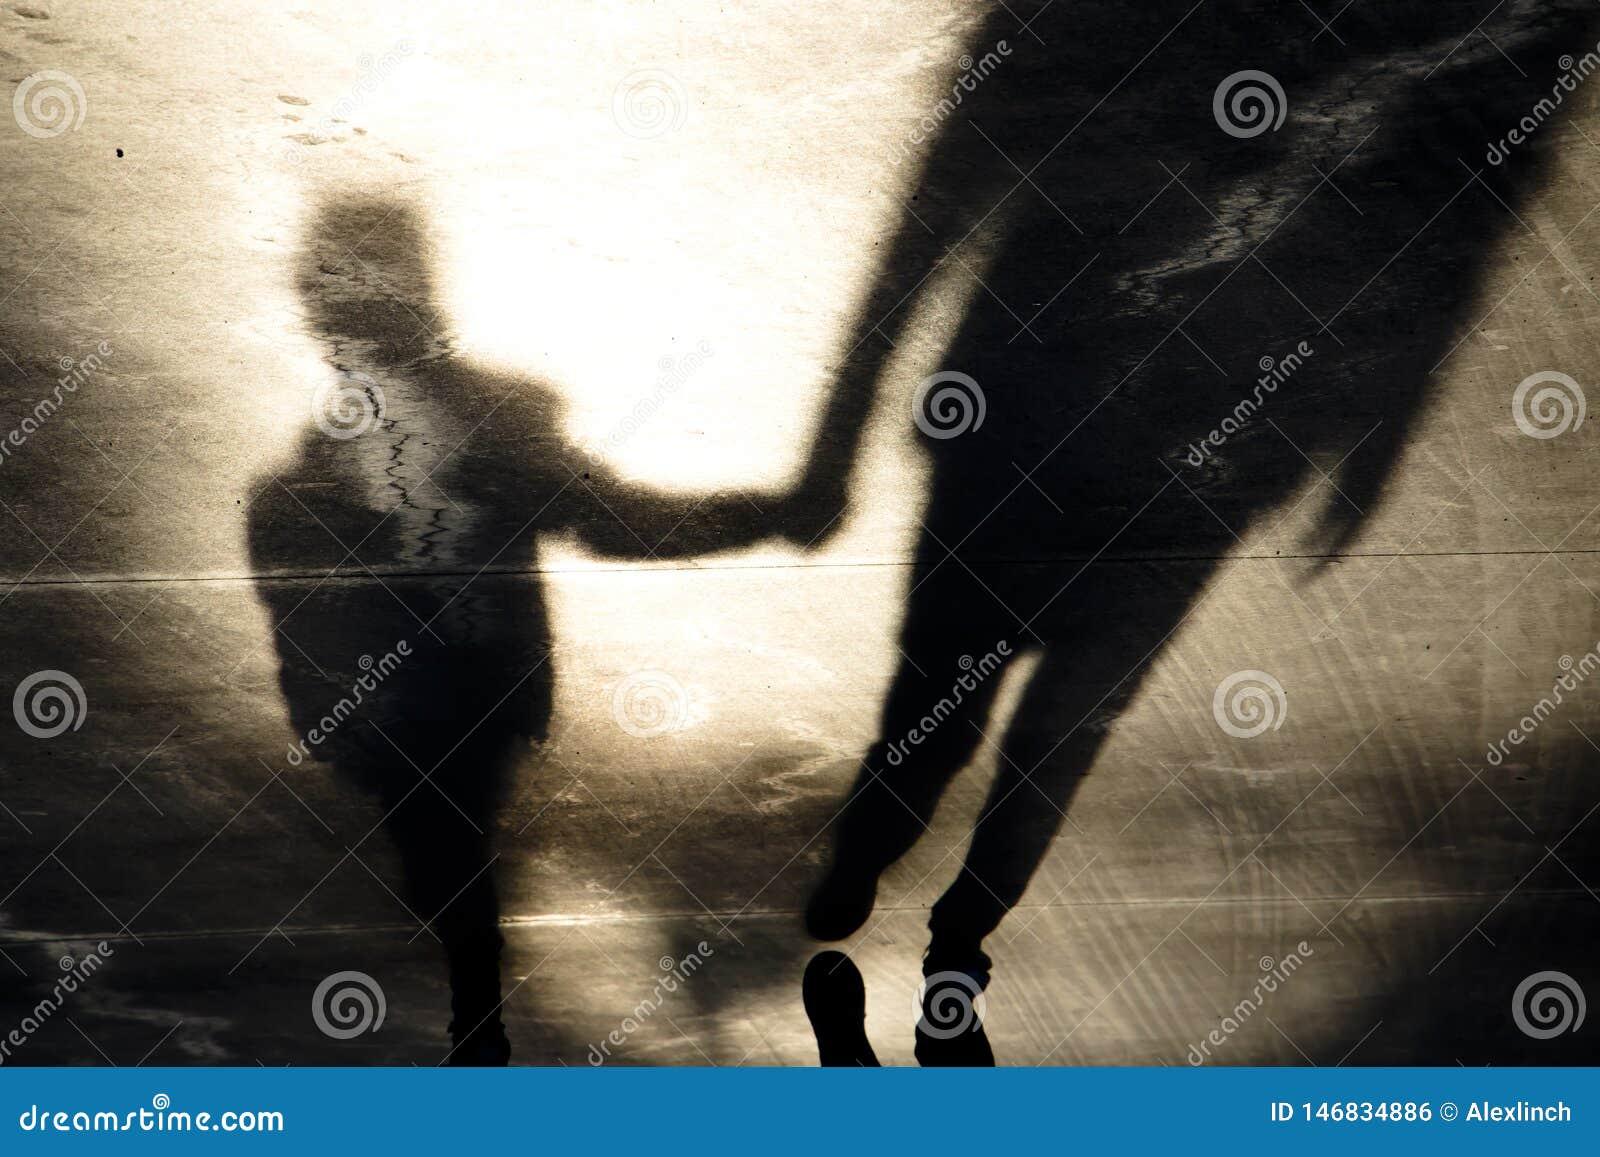 Siluetas de la sombra del padre y del hijo que caminan de común acuerdo